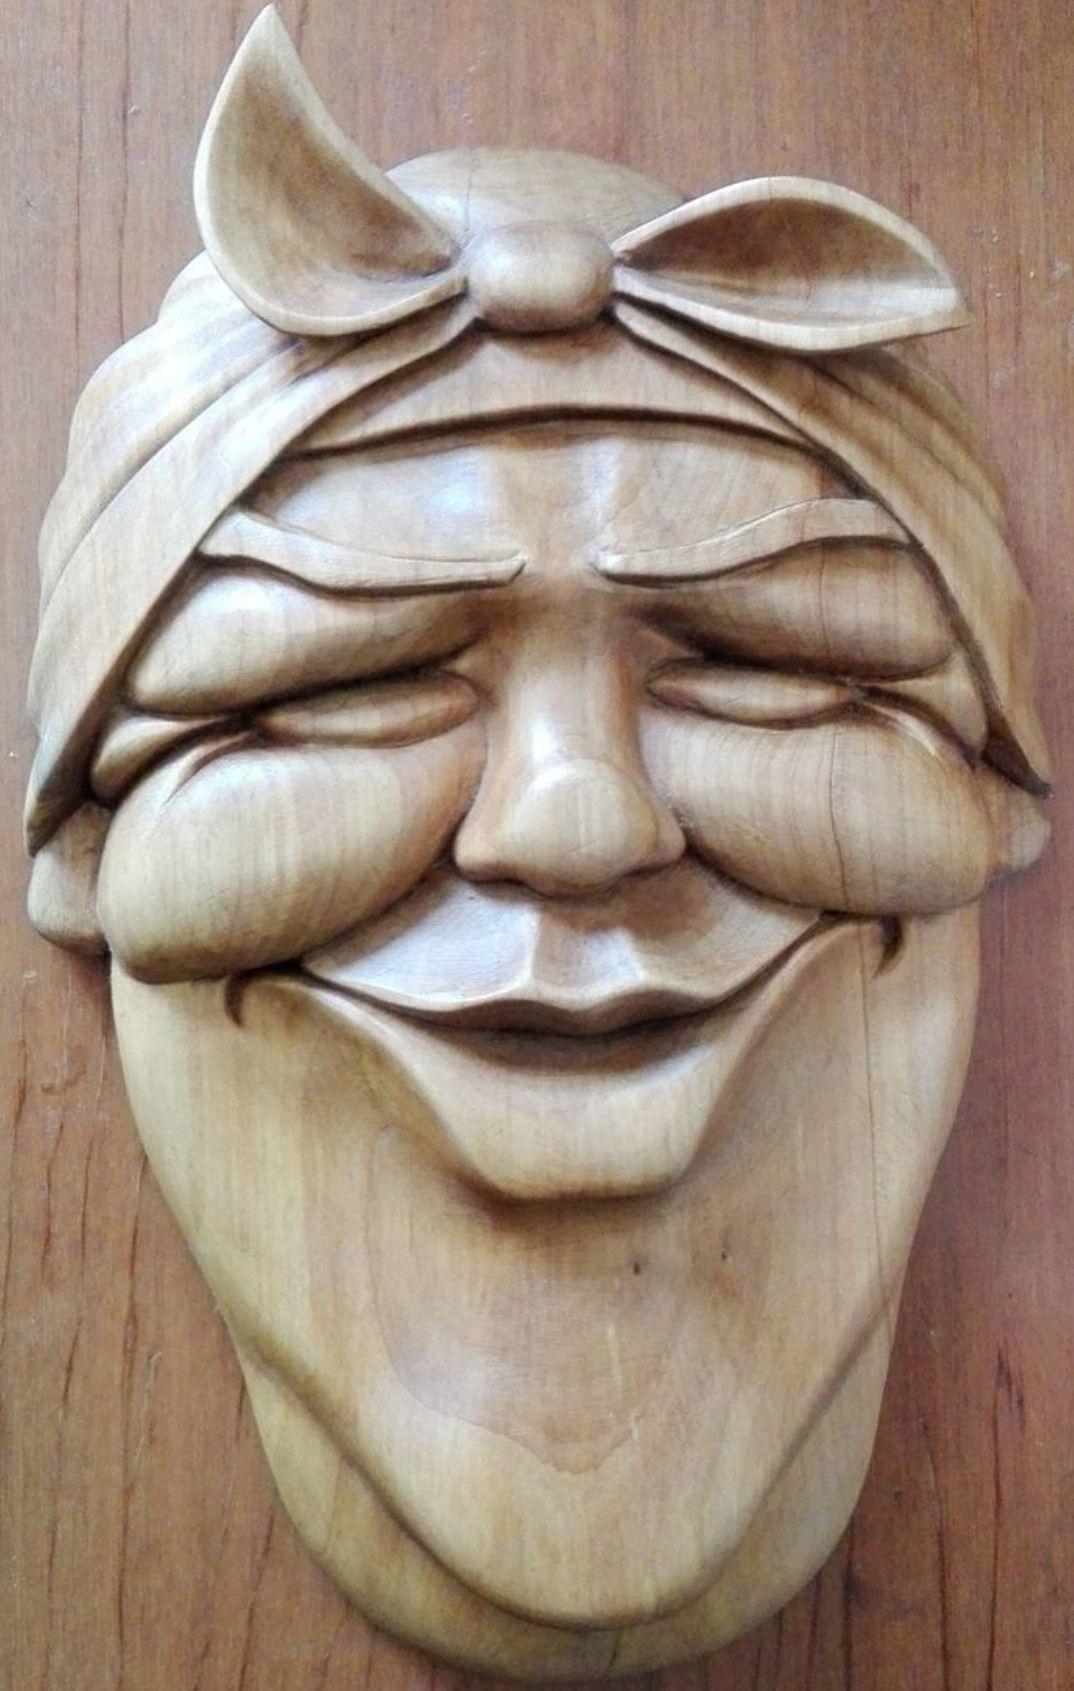 резьба по дереву маски фото отмечают, что хищник